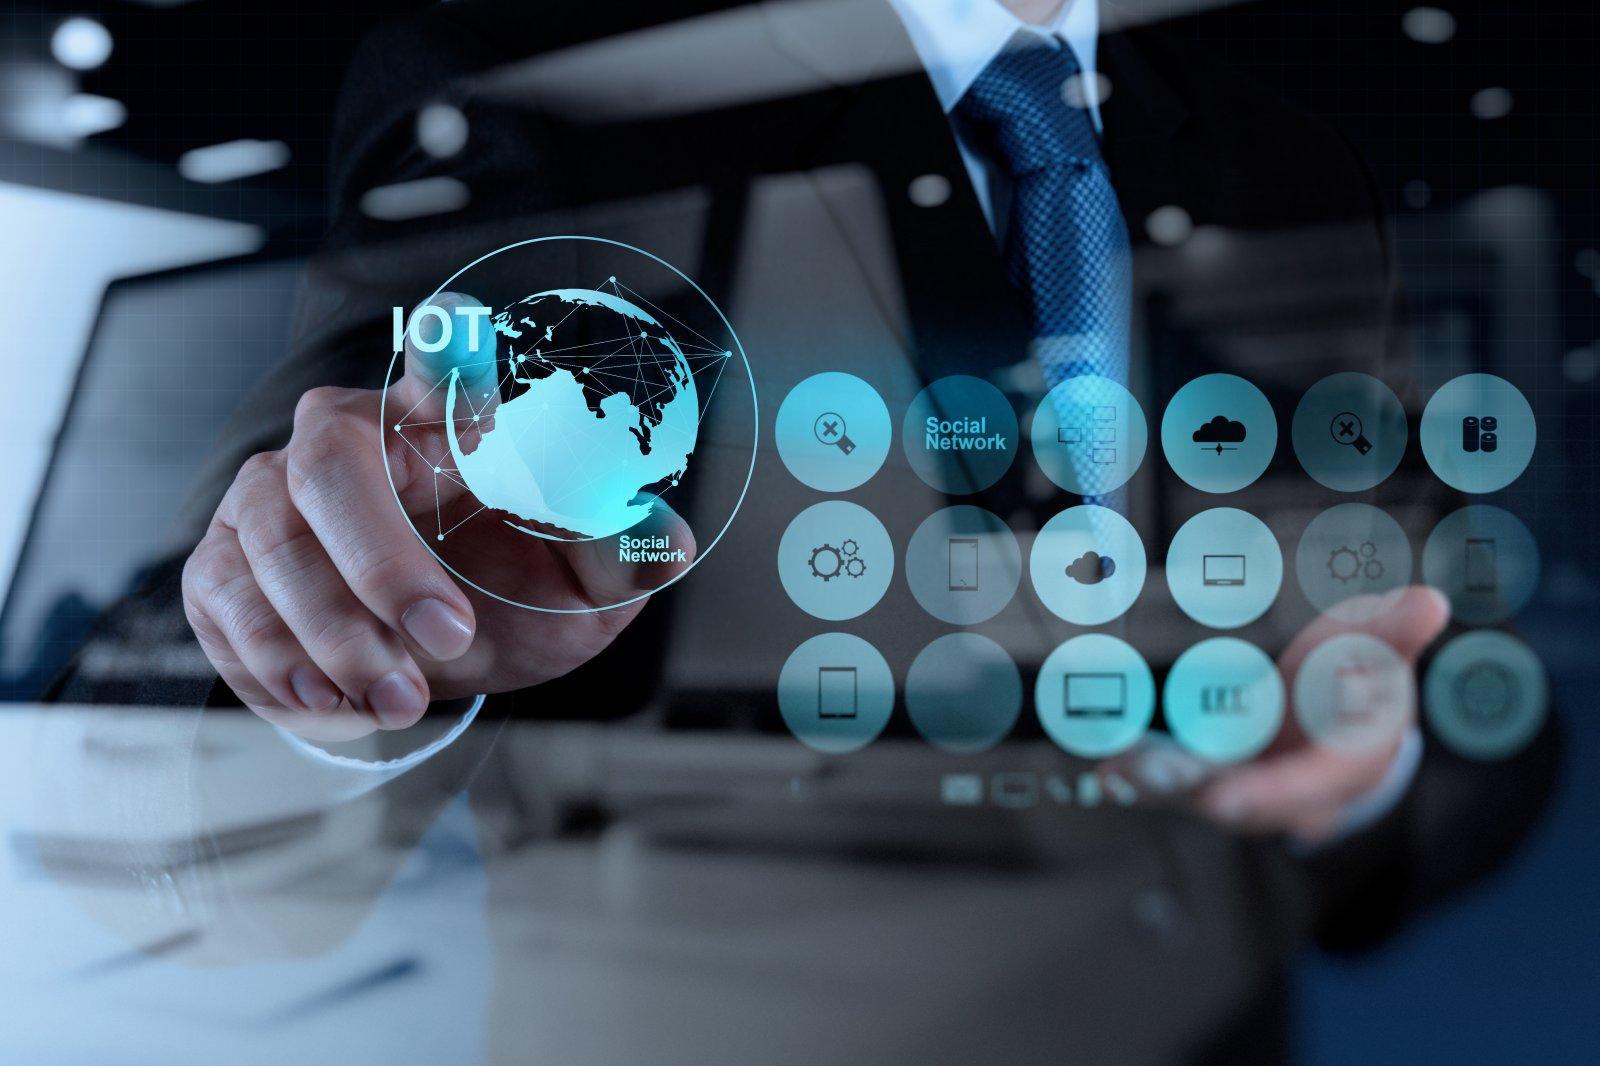 Среднегодовой темп роста IoT в телекоме до 2020 г. составит 42%